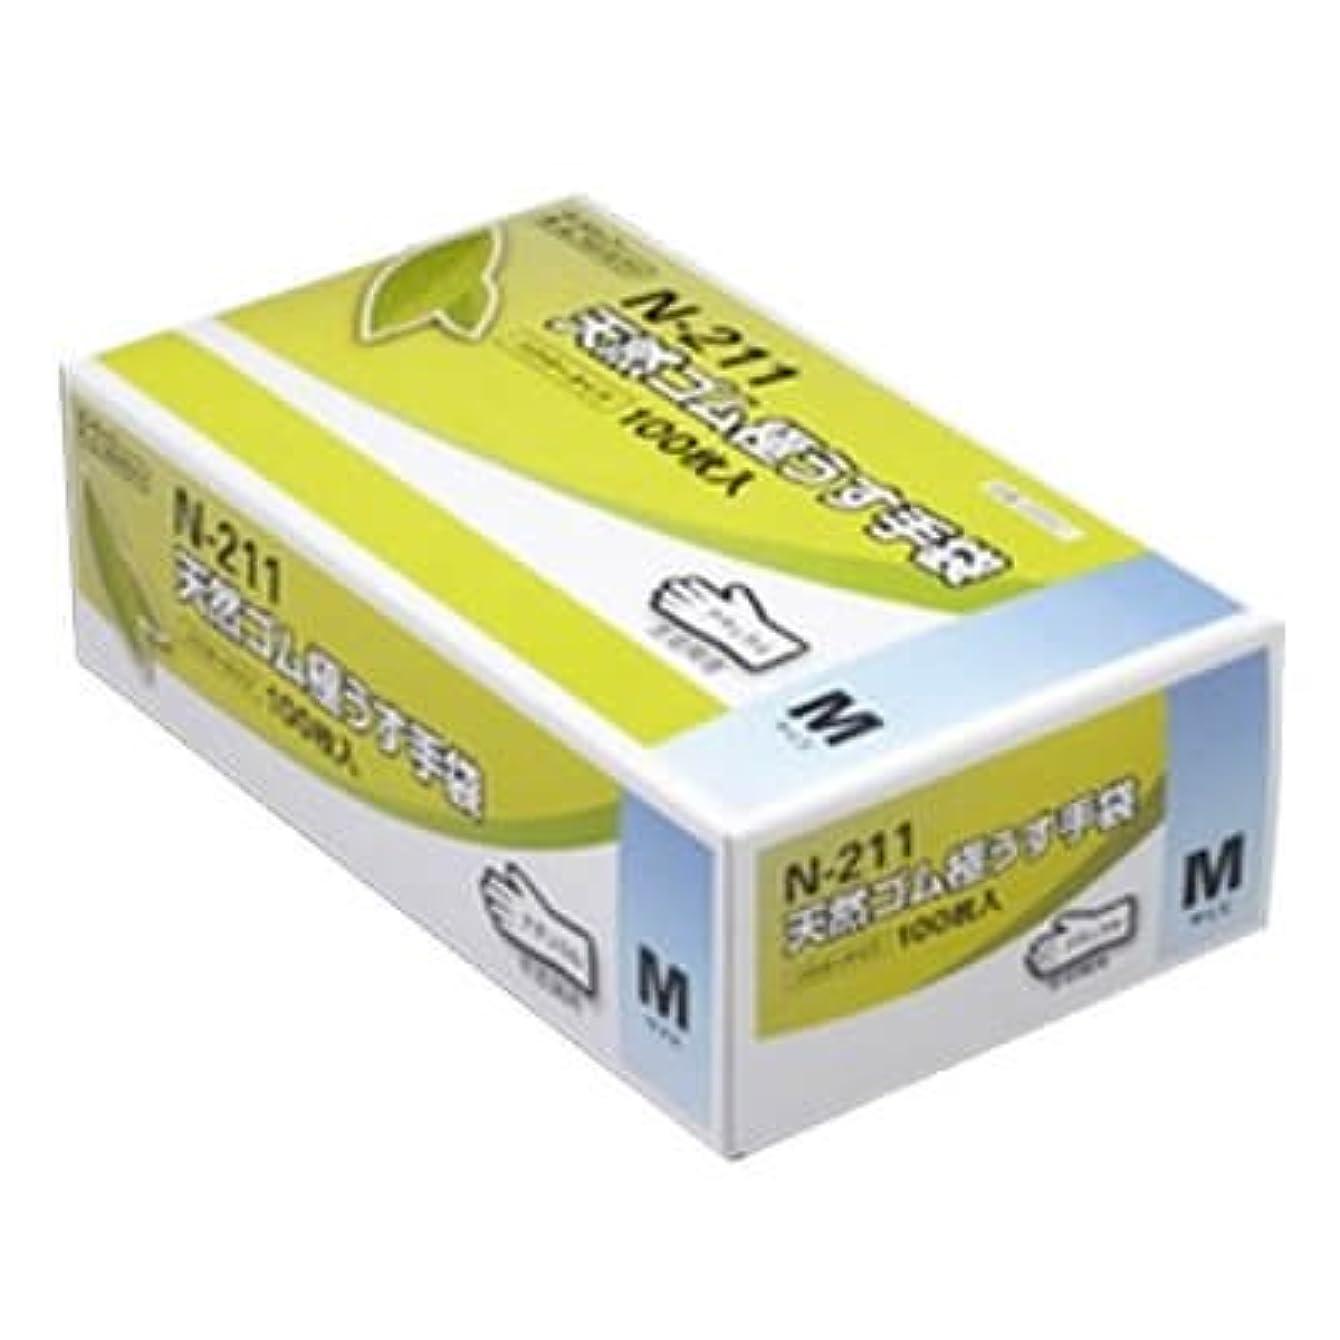 神の広告する死傷者【ケース販売】 ダンロップ 天然ゴム極うす手袋 N-211 M ナチュラル (100枚入×20箱)